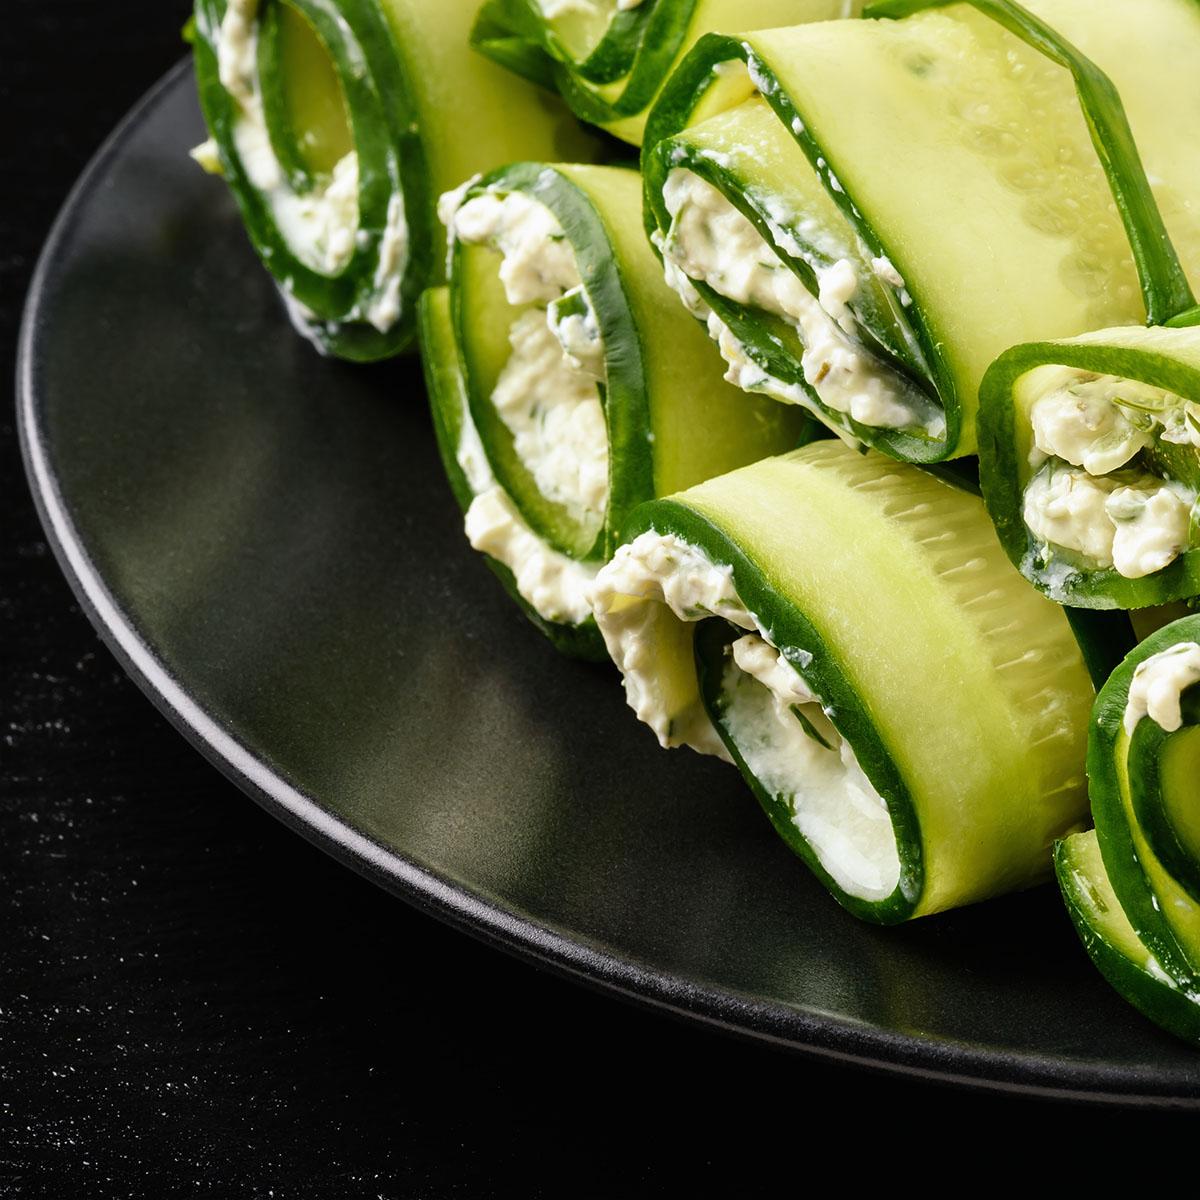 Свежие огурцы, фаршированные творожным сыром с зеленью и чесноком